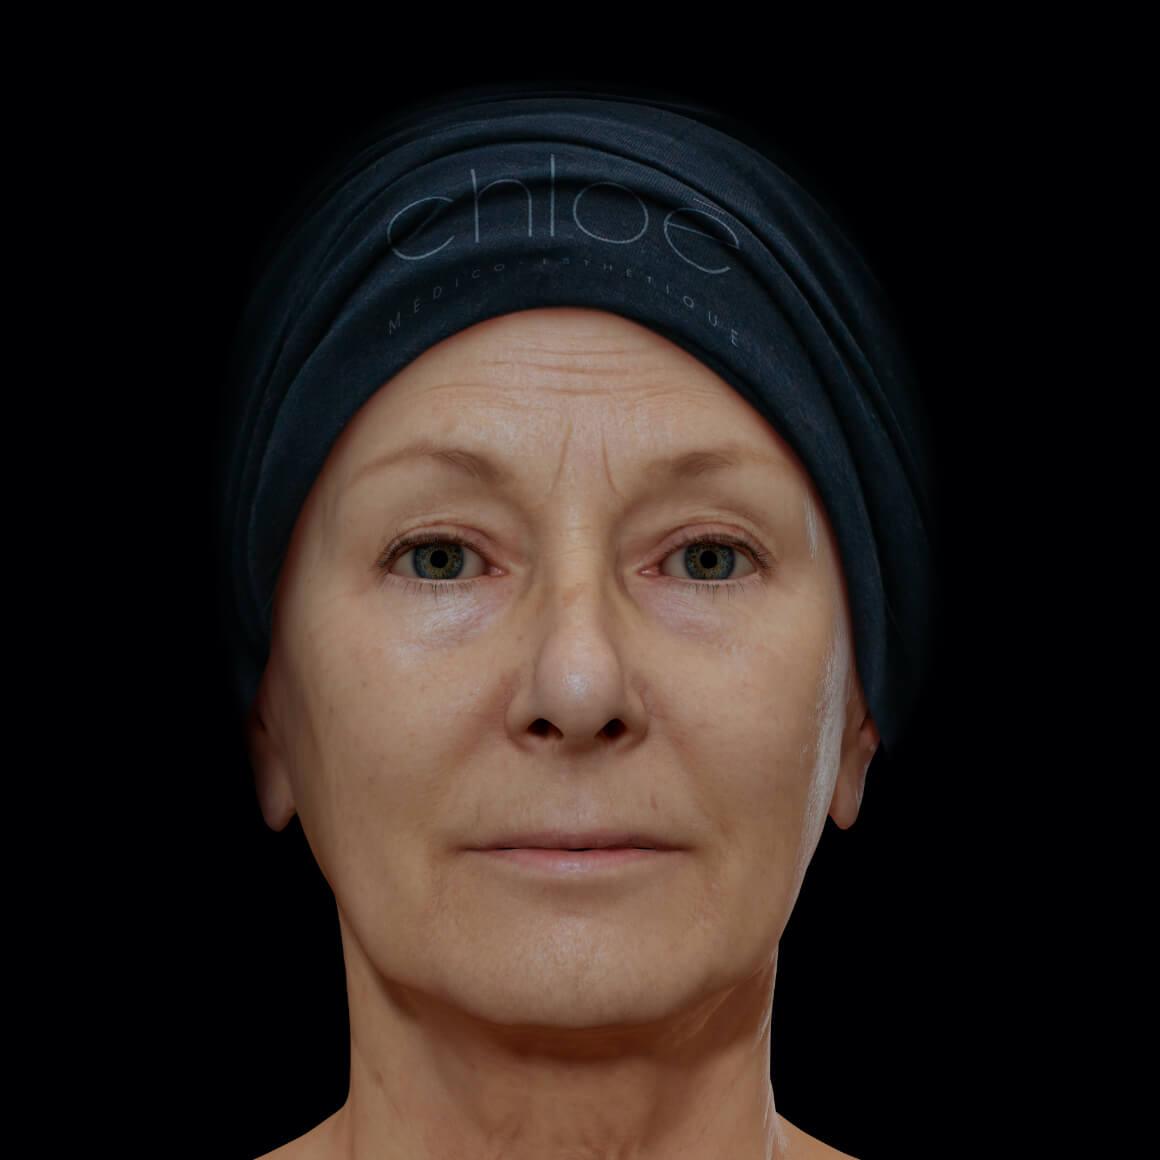 Patiente à la Clinique Chloé vue de face aux prises avec des rides et ridules au niveau du visage